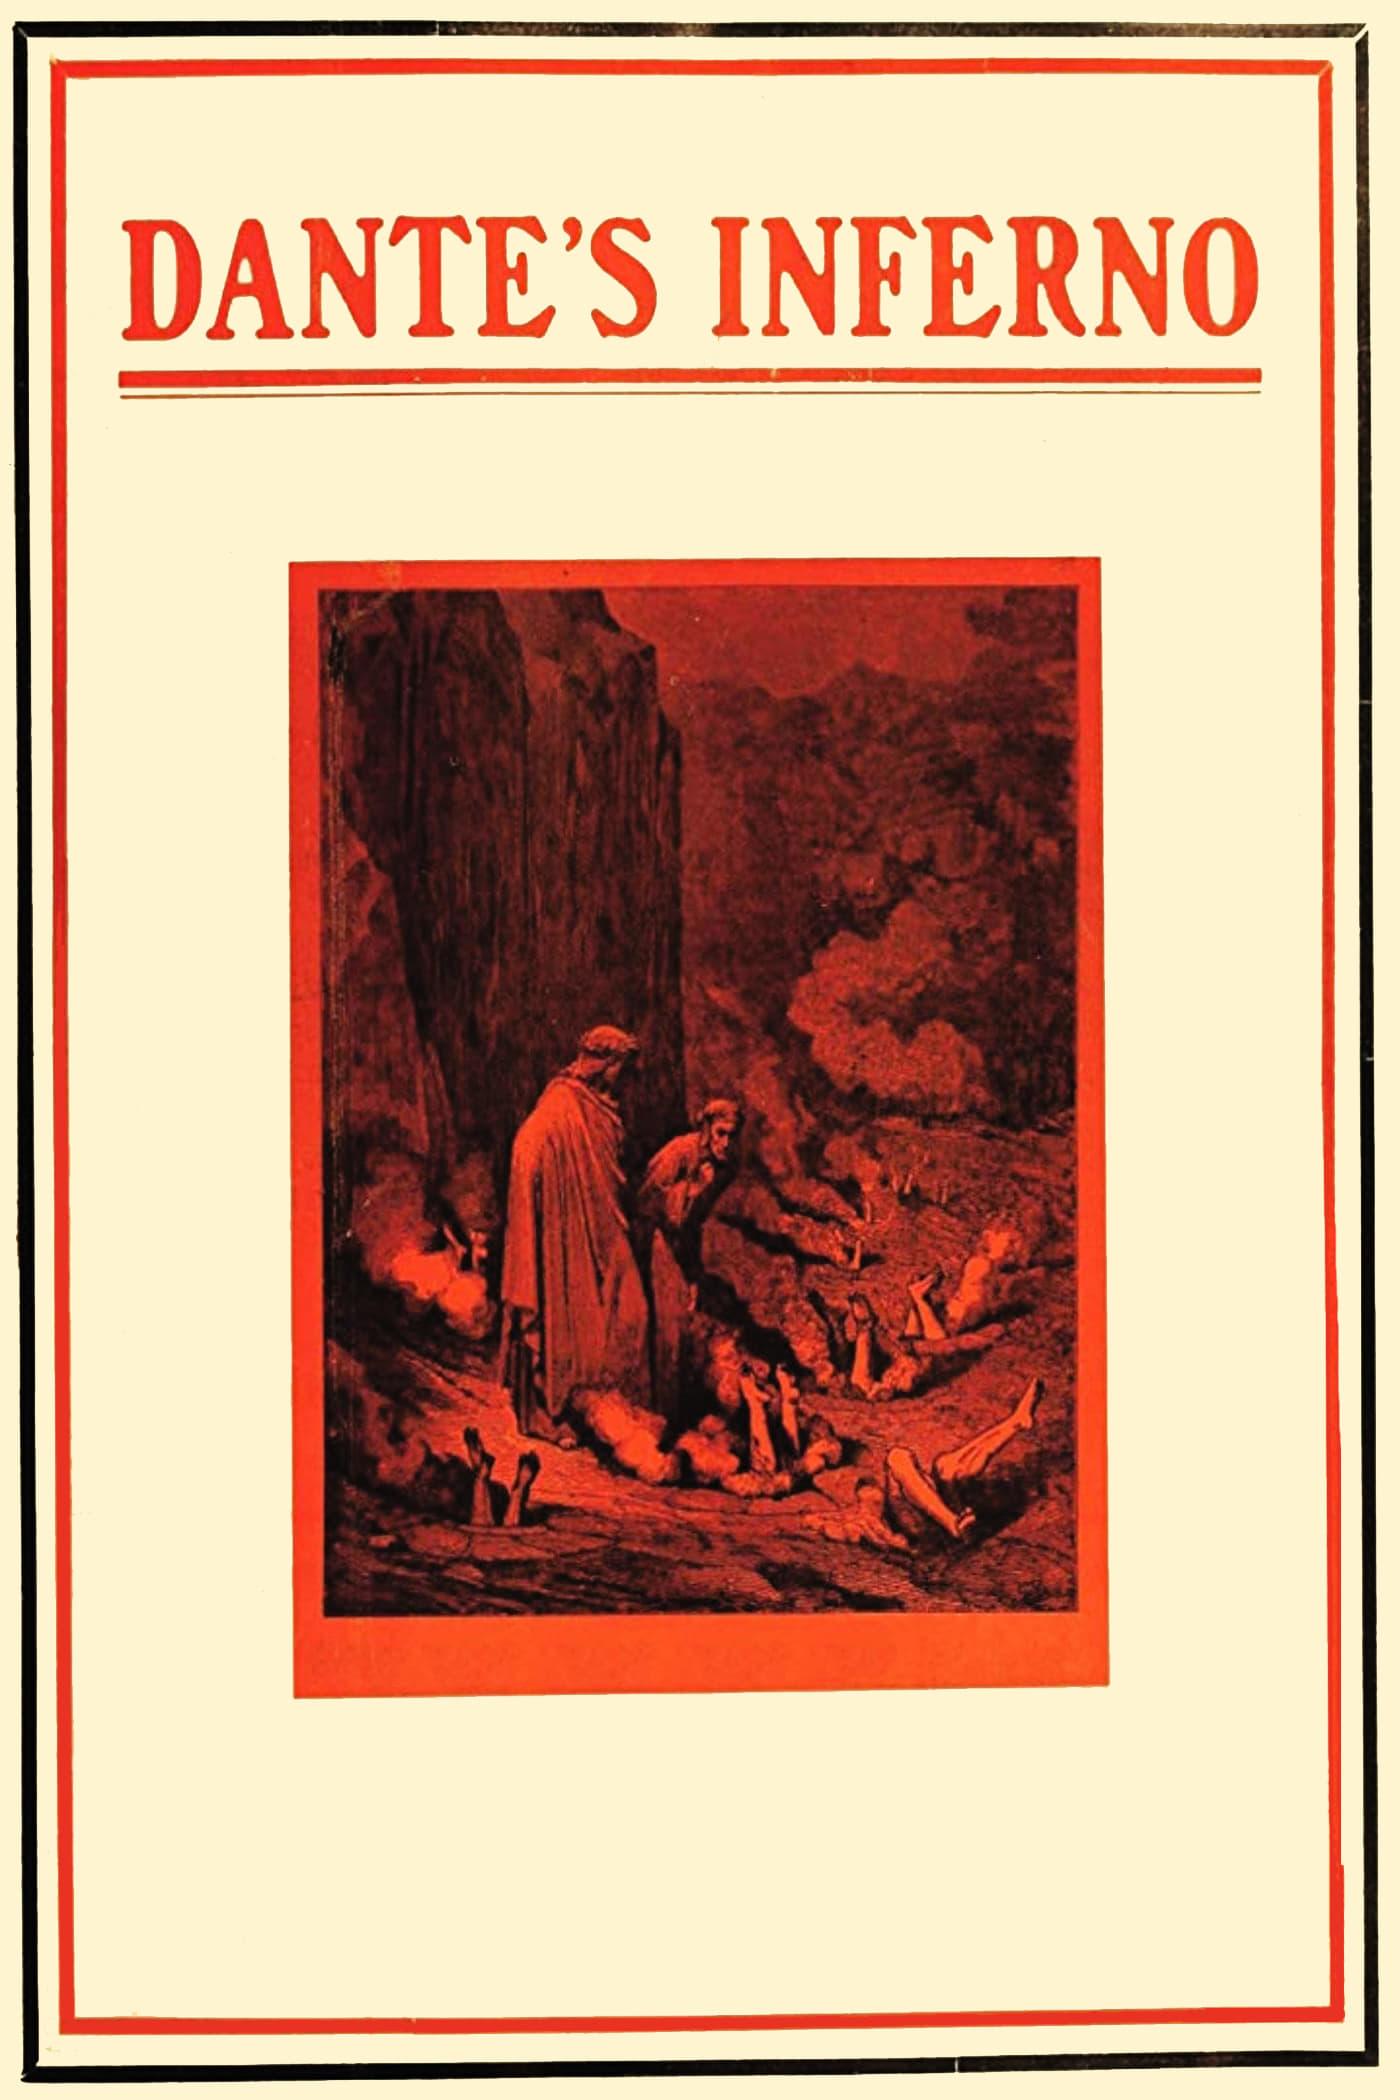 Dante's Inferno (1911)